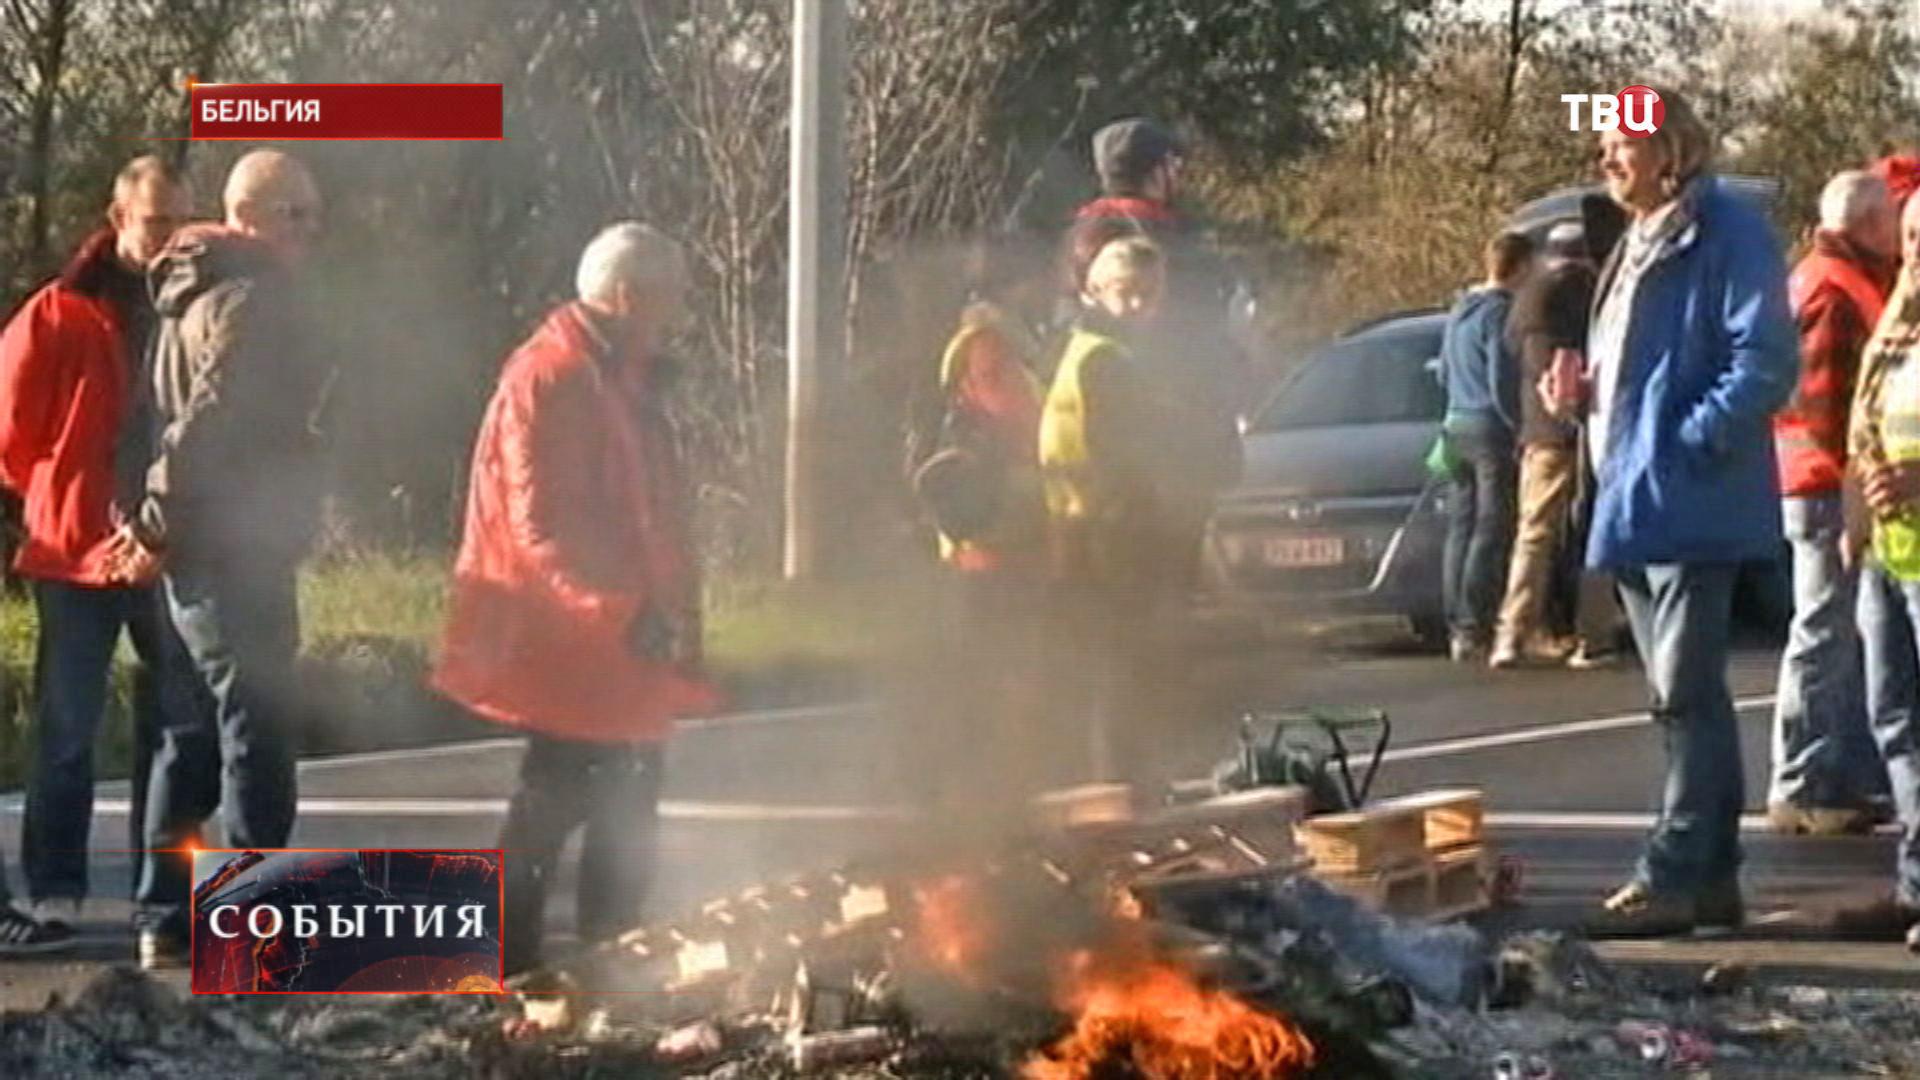 Акция протеста в Бельгии